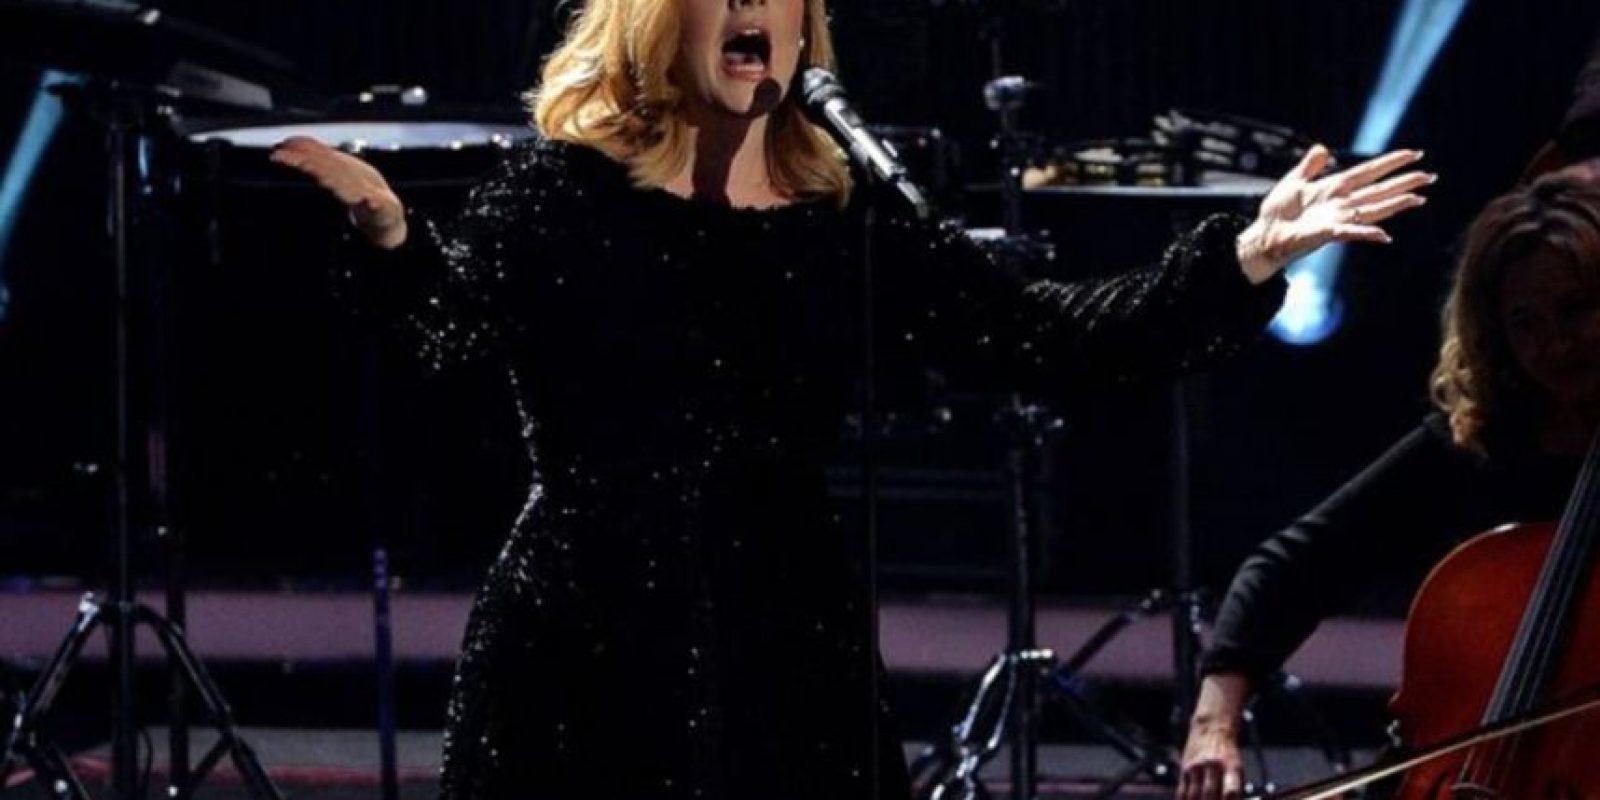 Adele llega a la ceremonia reconocida como la artista más grande de 2015. Foto:Getty Images